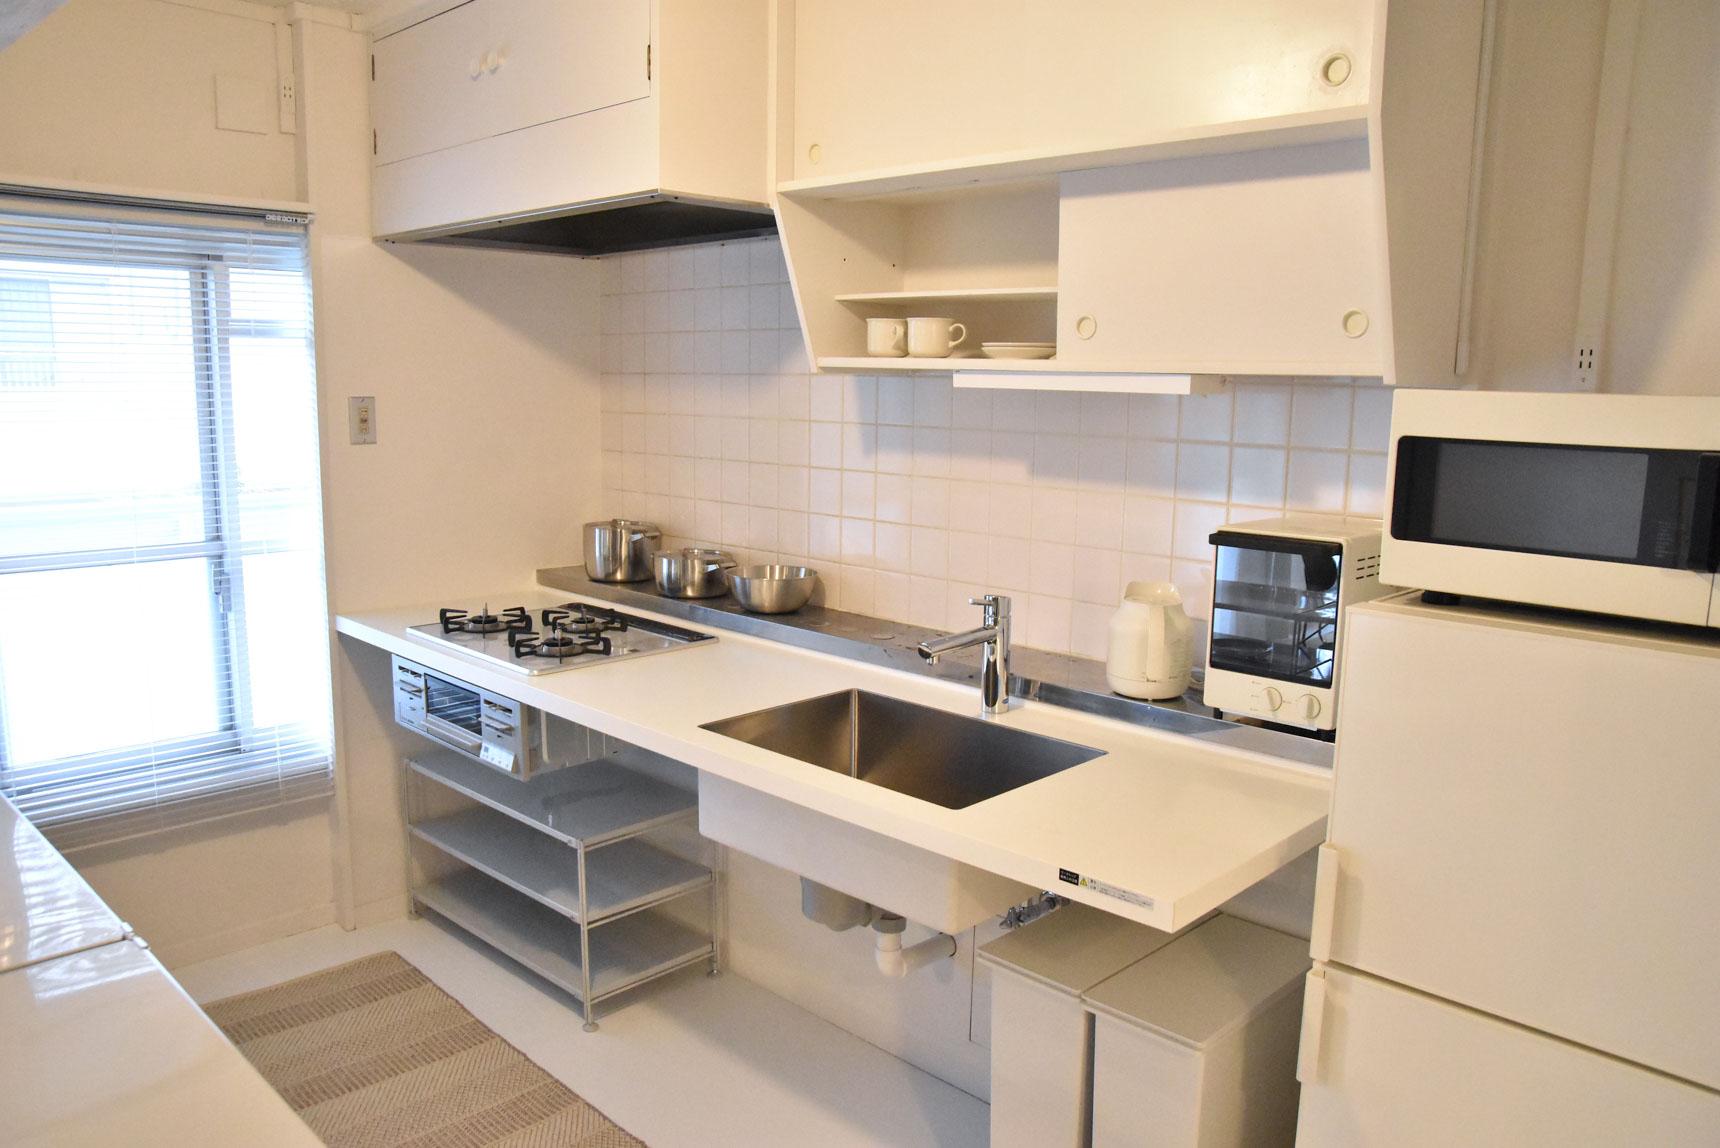 昔ながらの団地の台所の雰囲気を少し残しつつ、キッチンは持ち出し式のモダンなものに変更。脚がないので下の空間を自由に使えることがポイントです。